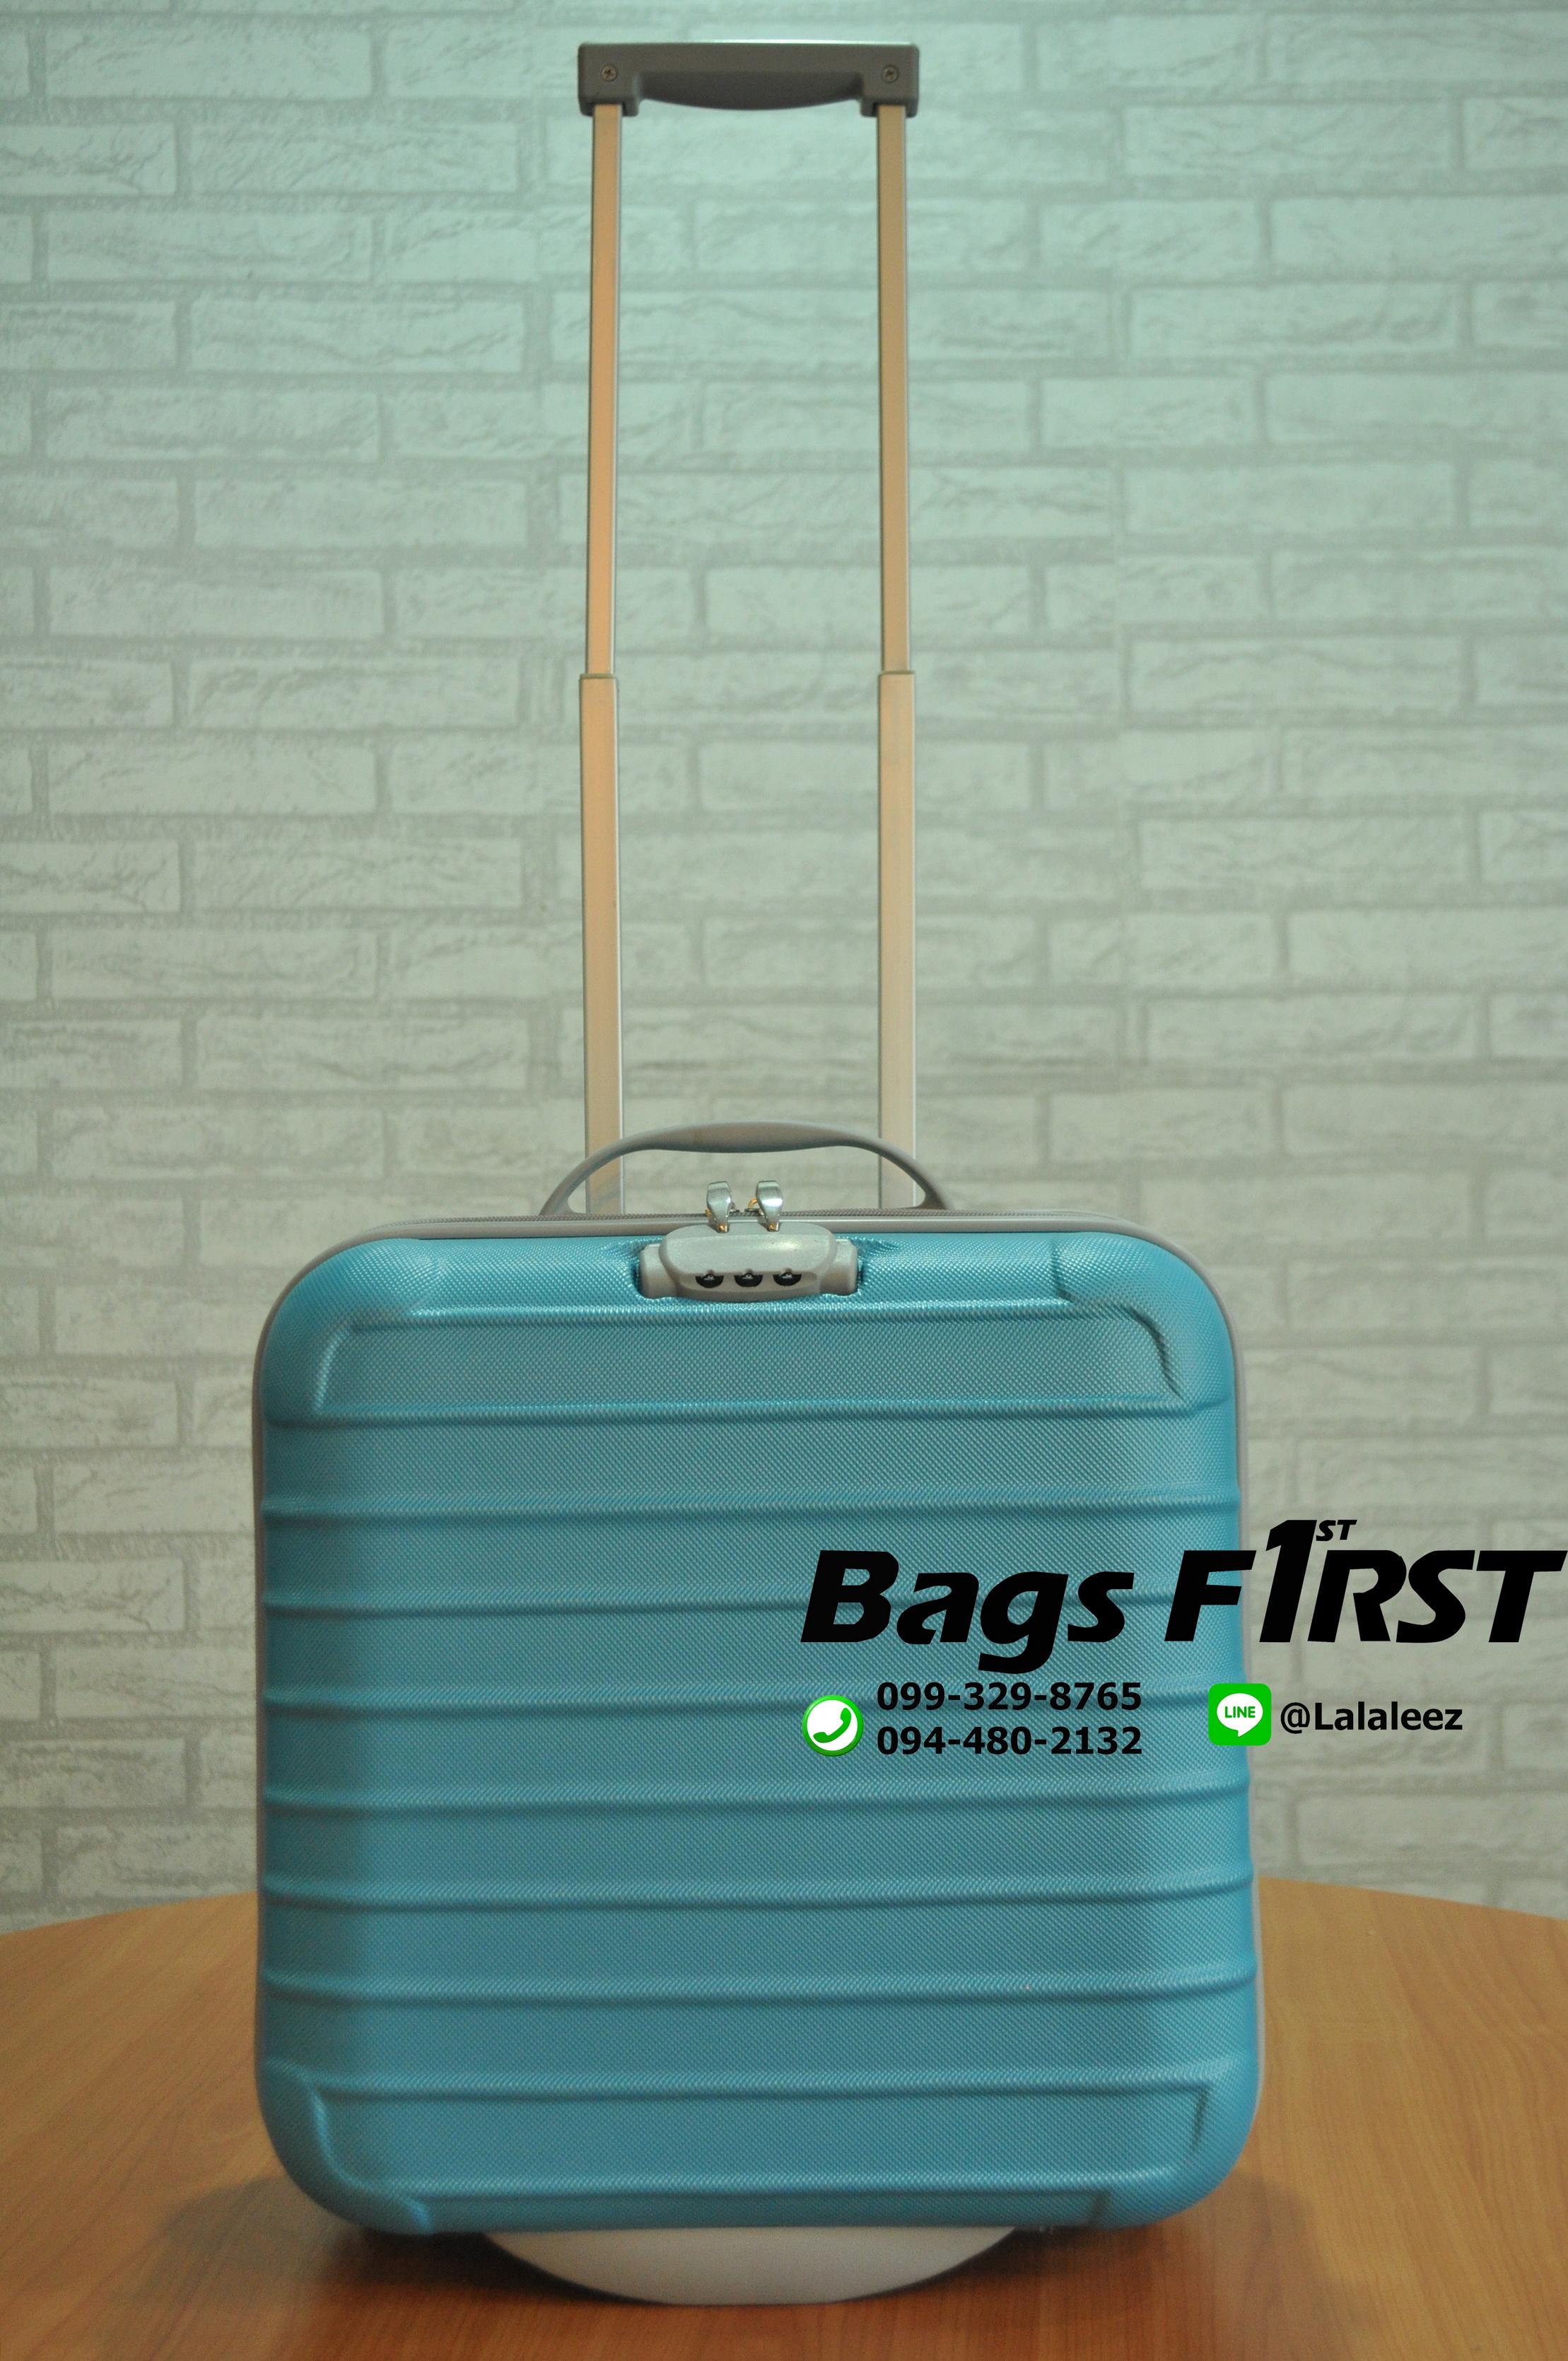 กระเป๋าเดินทางล้อลาก 2 ล้อ ขนาด 16 นิ้ว สีฟ้า ลายขีด ผิวหยาบ